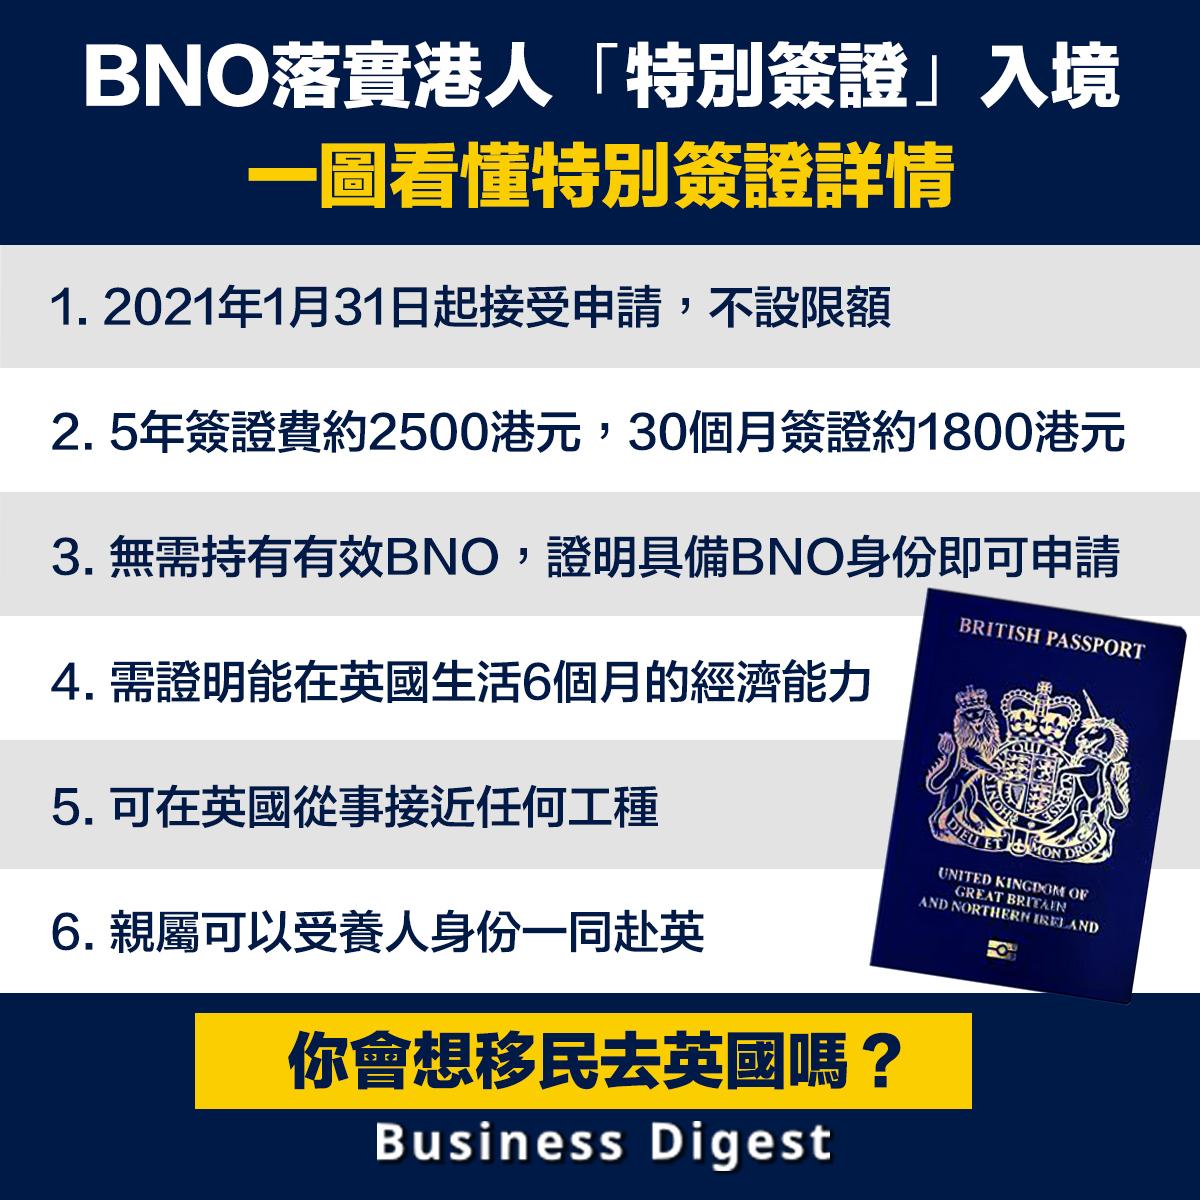 英國政府公布,明年1月31日起接受港人申請英國國民(海外)護照(BNO)居留簽證